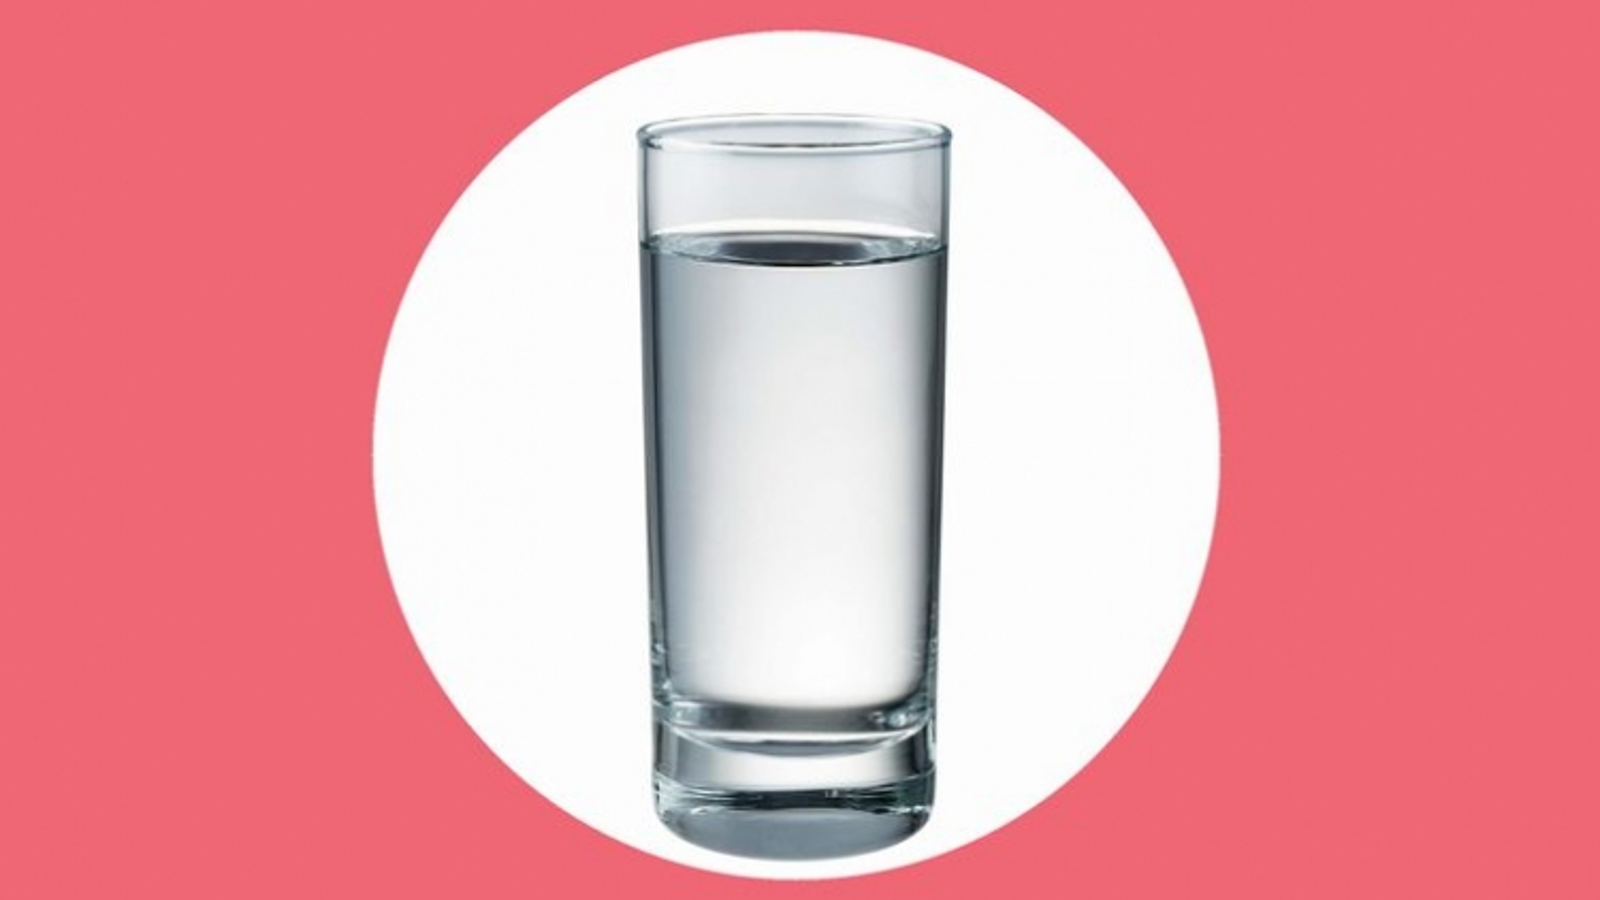 Mẹo tự nhiên giúp trị chứng khô miệng cực kỳ hiệu quả